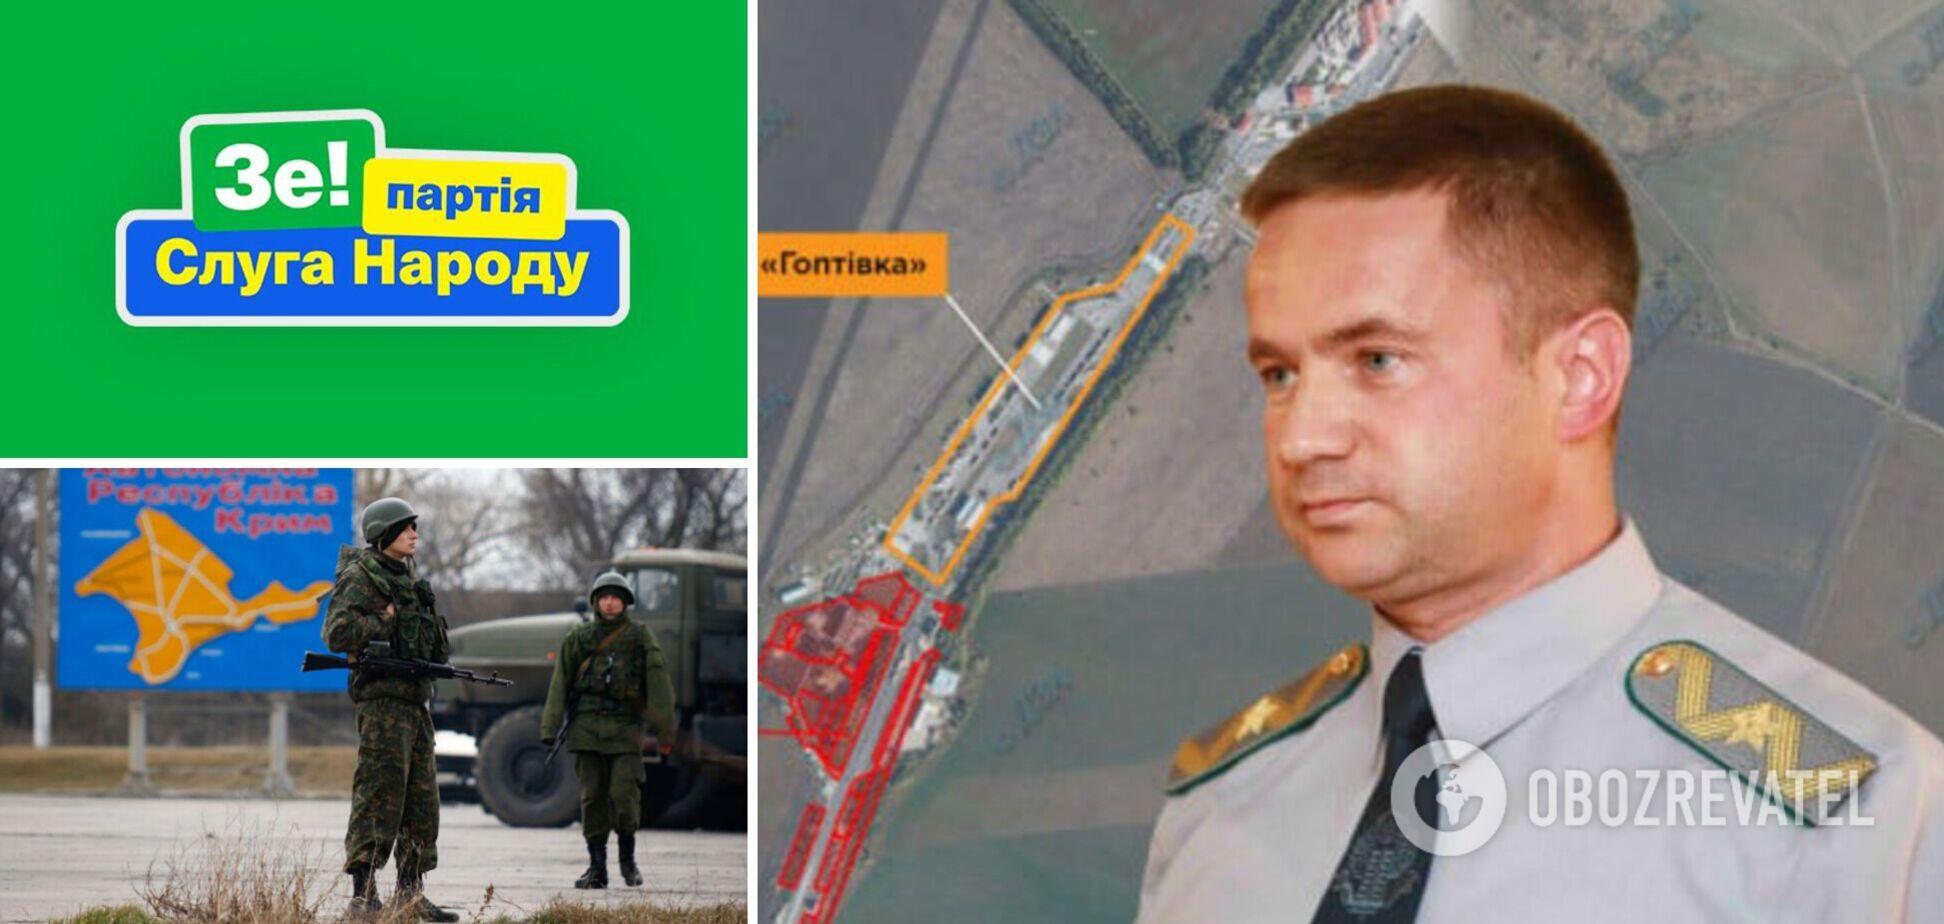 До політради 'Слуги народу' обраний генерал часів Януковича, який відвідував Крим